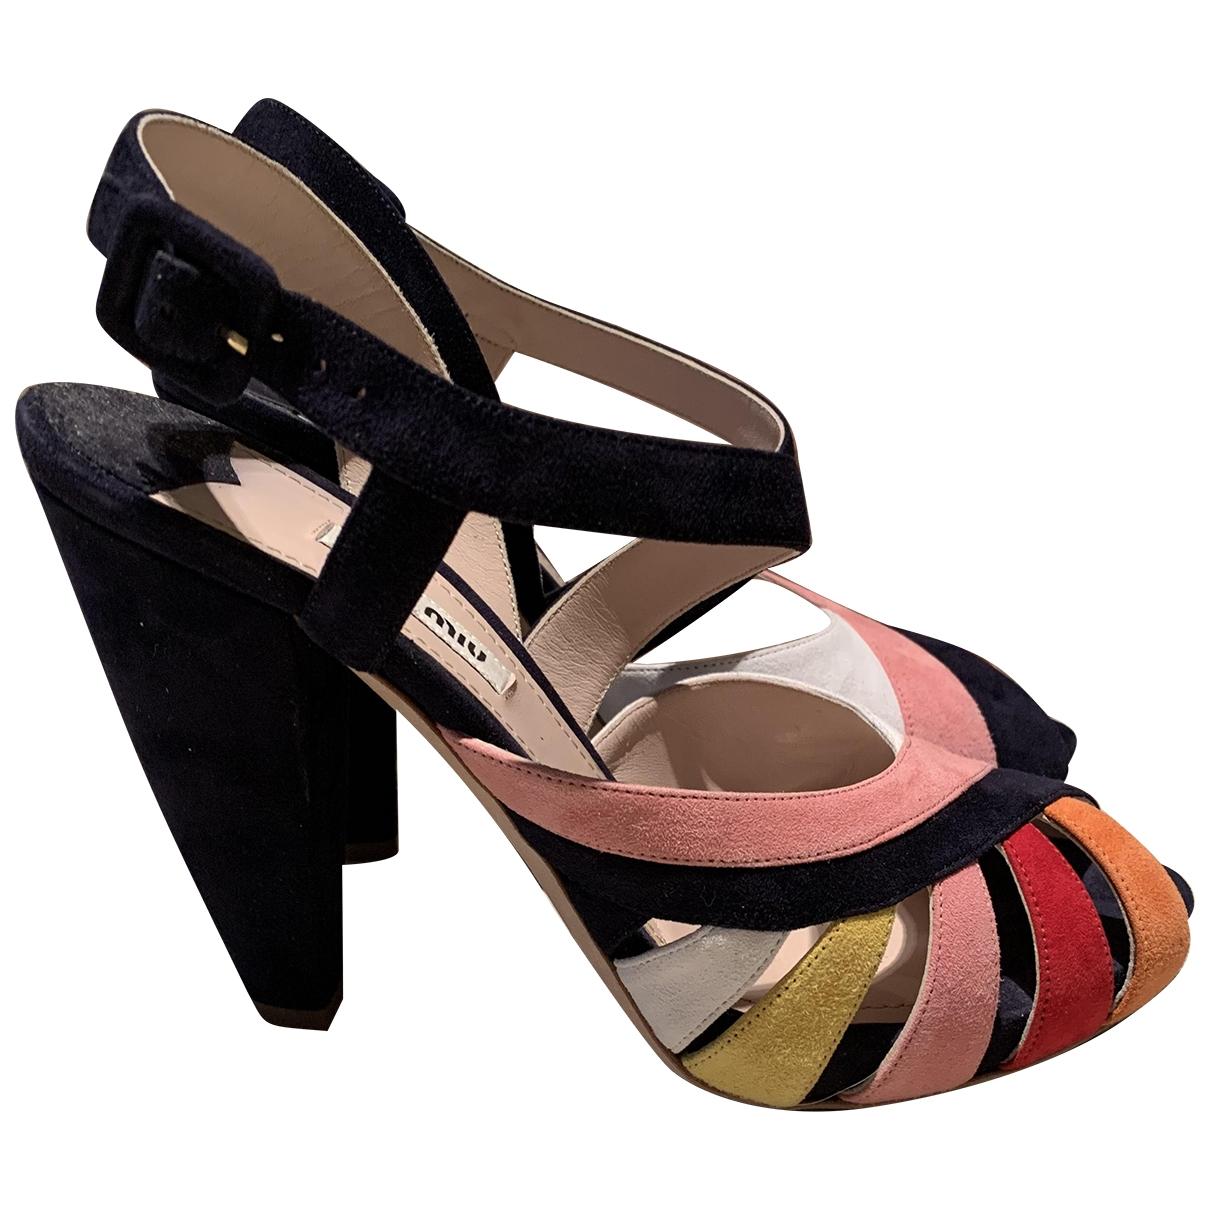 Miu Miu - Sandales   pour femme en suede - multicolore